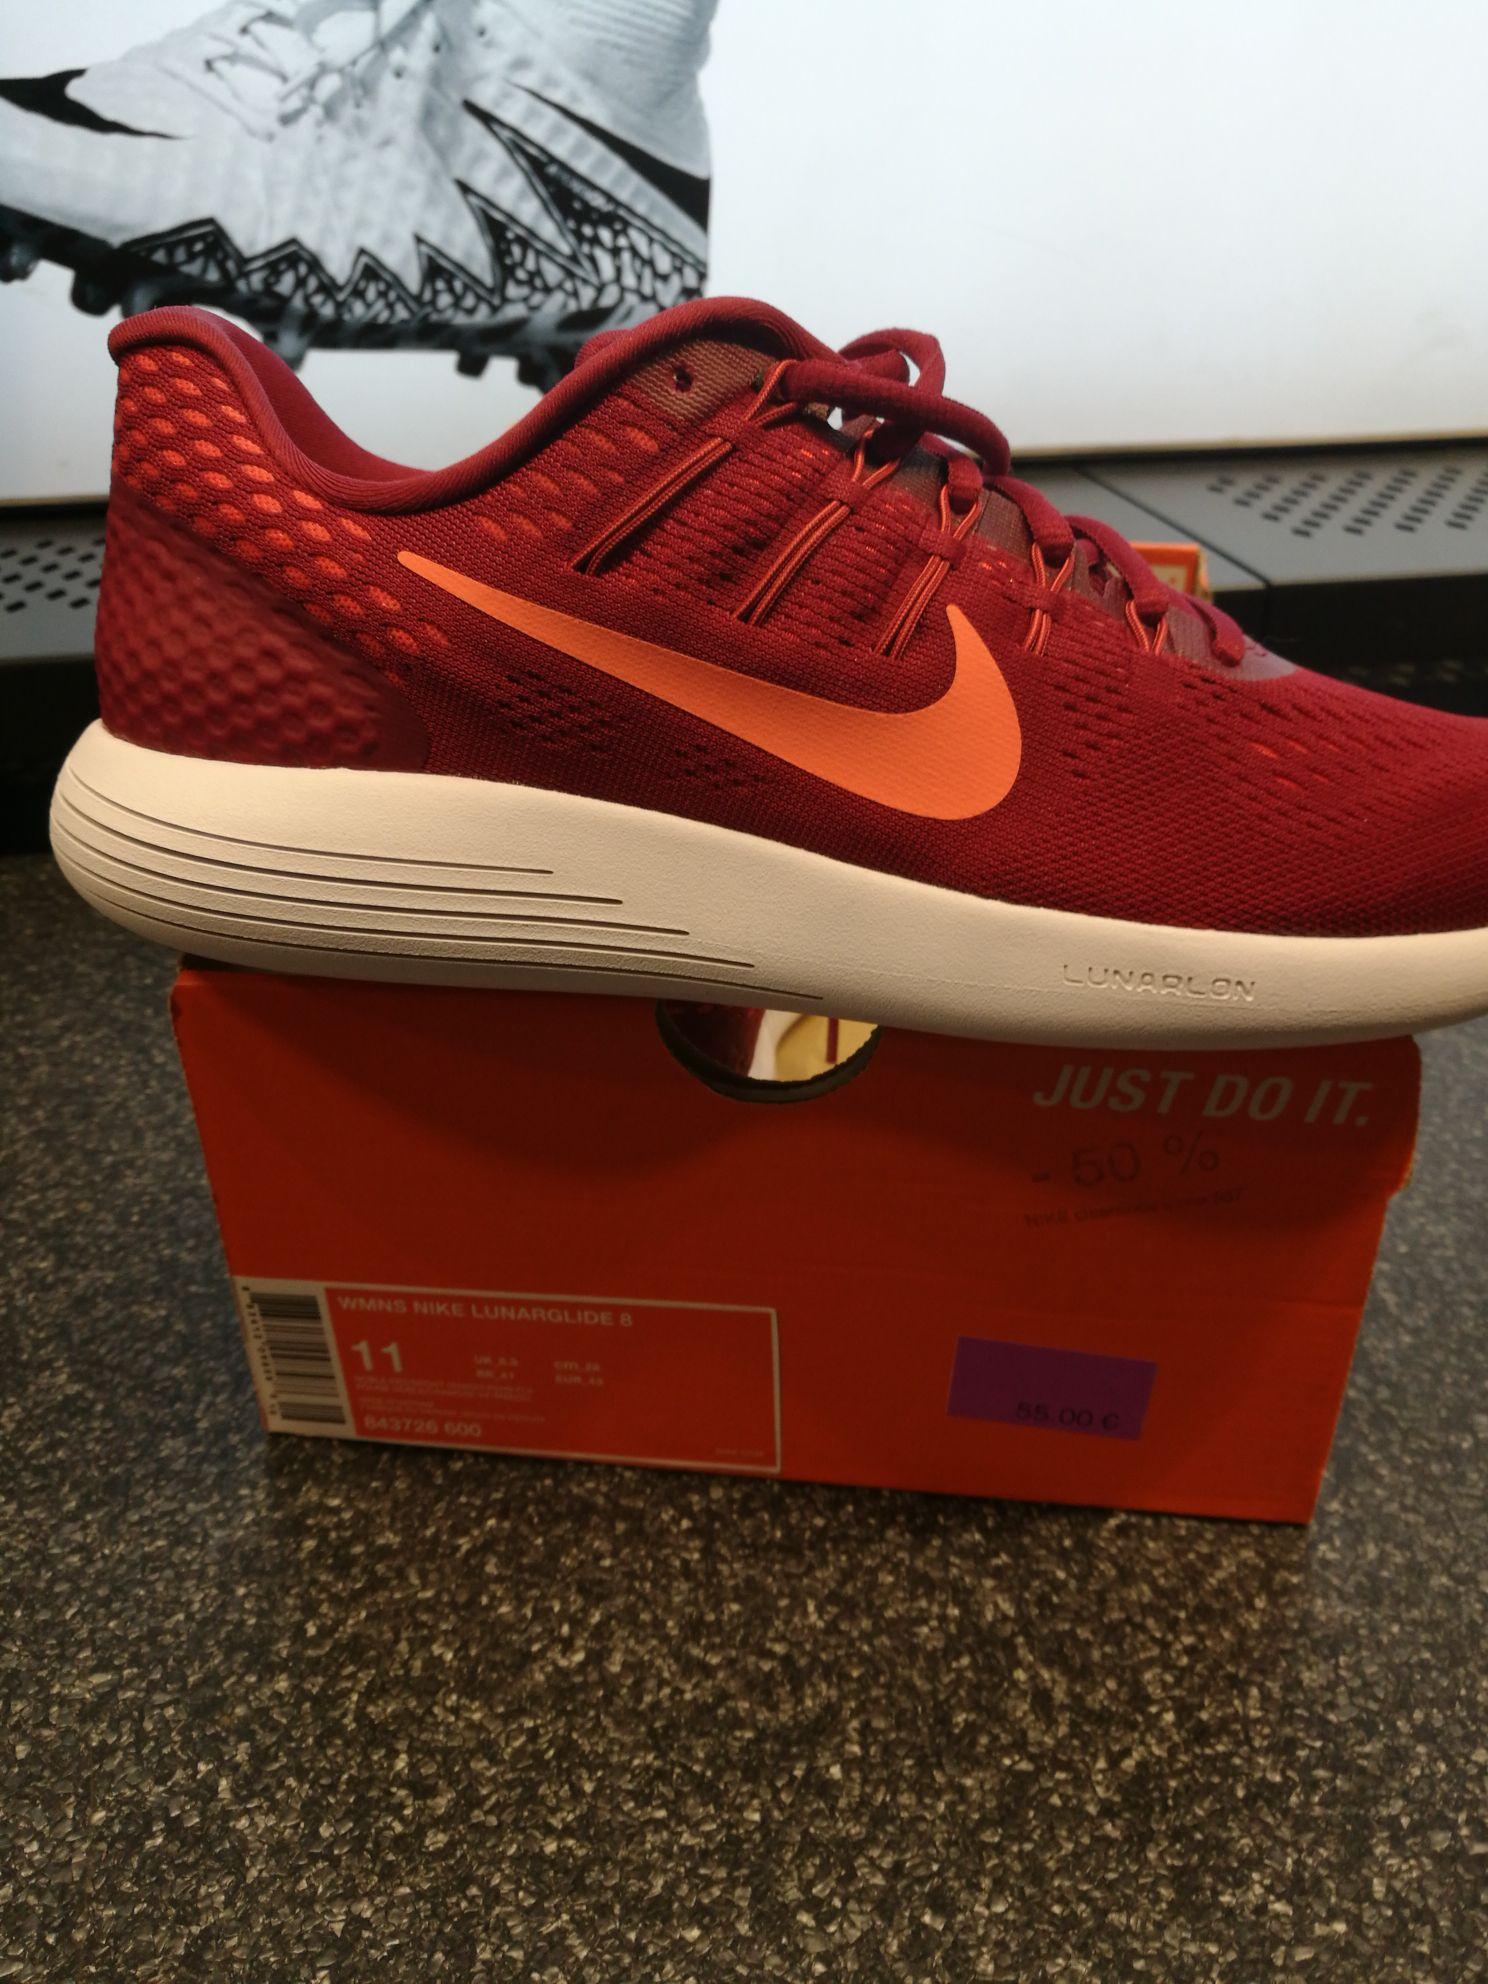 Jusqu'à 50% de réduction sur une Sélection de Chaussures - Ex : Nike